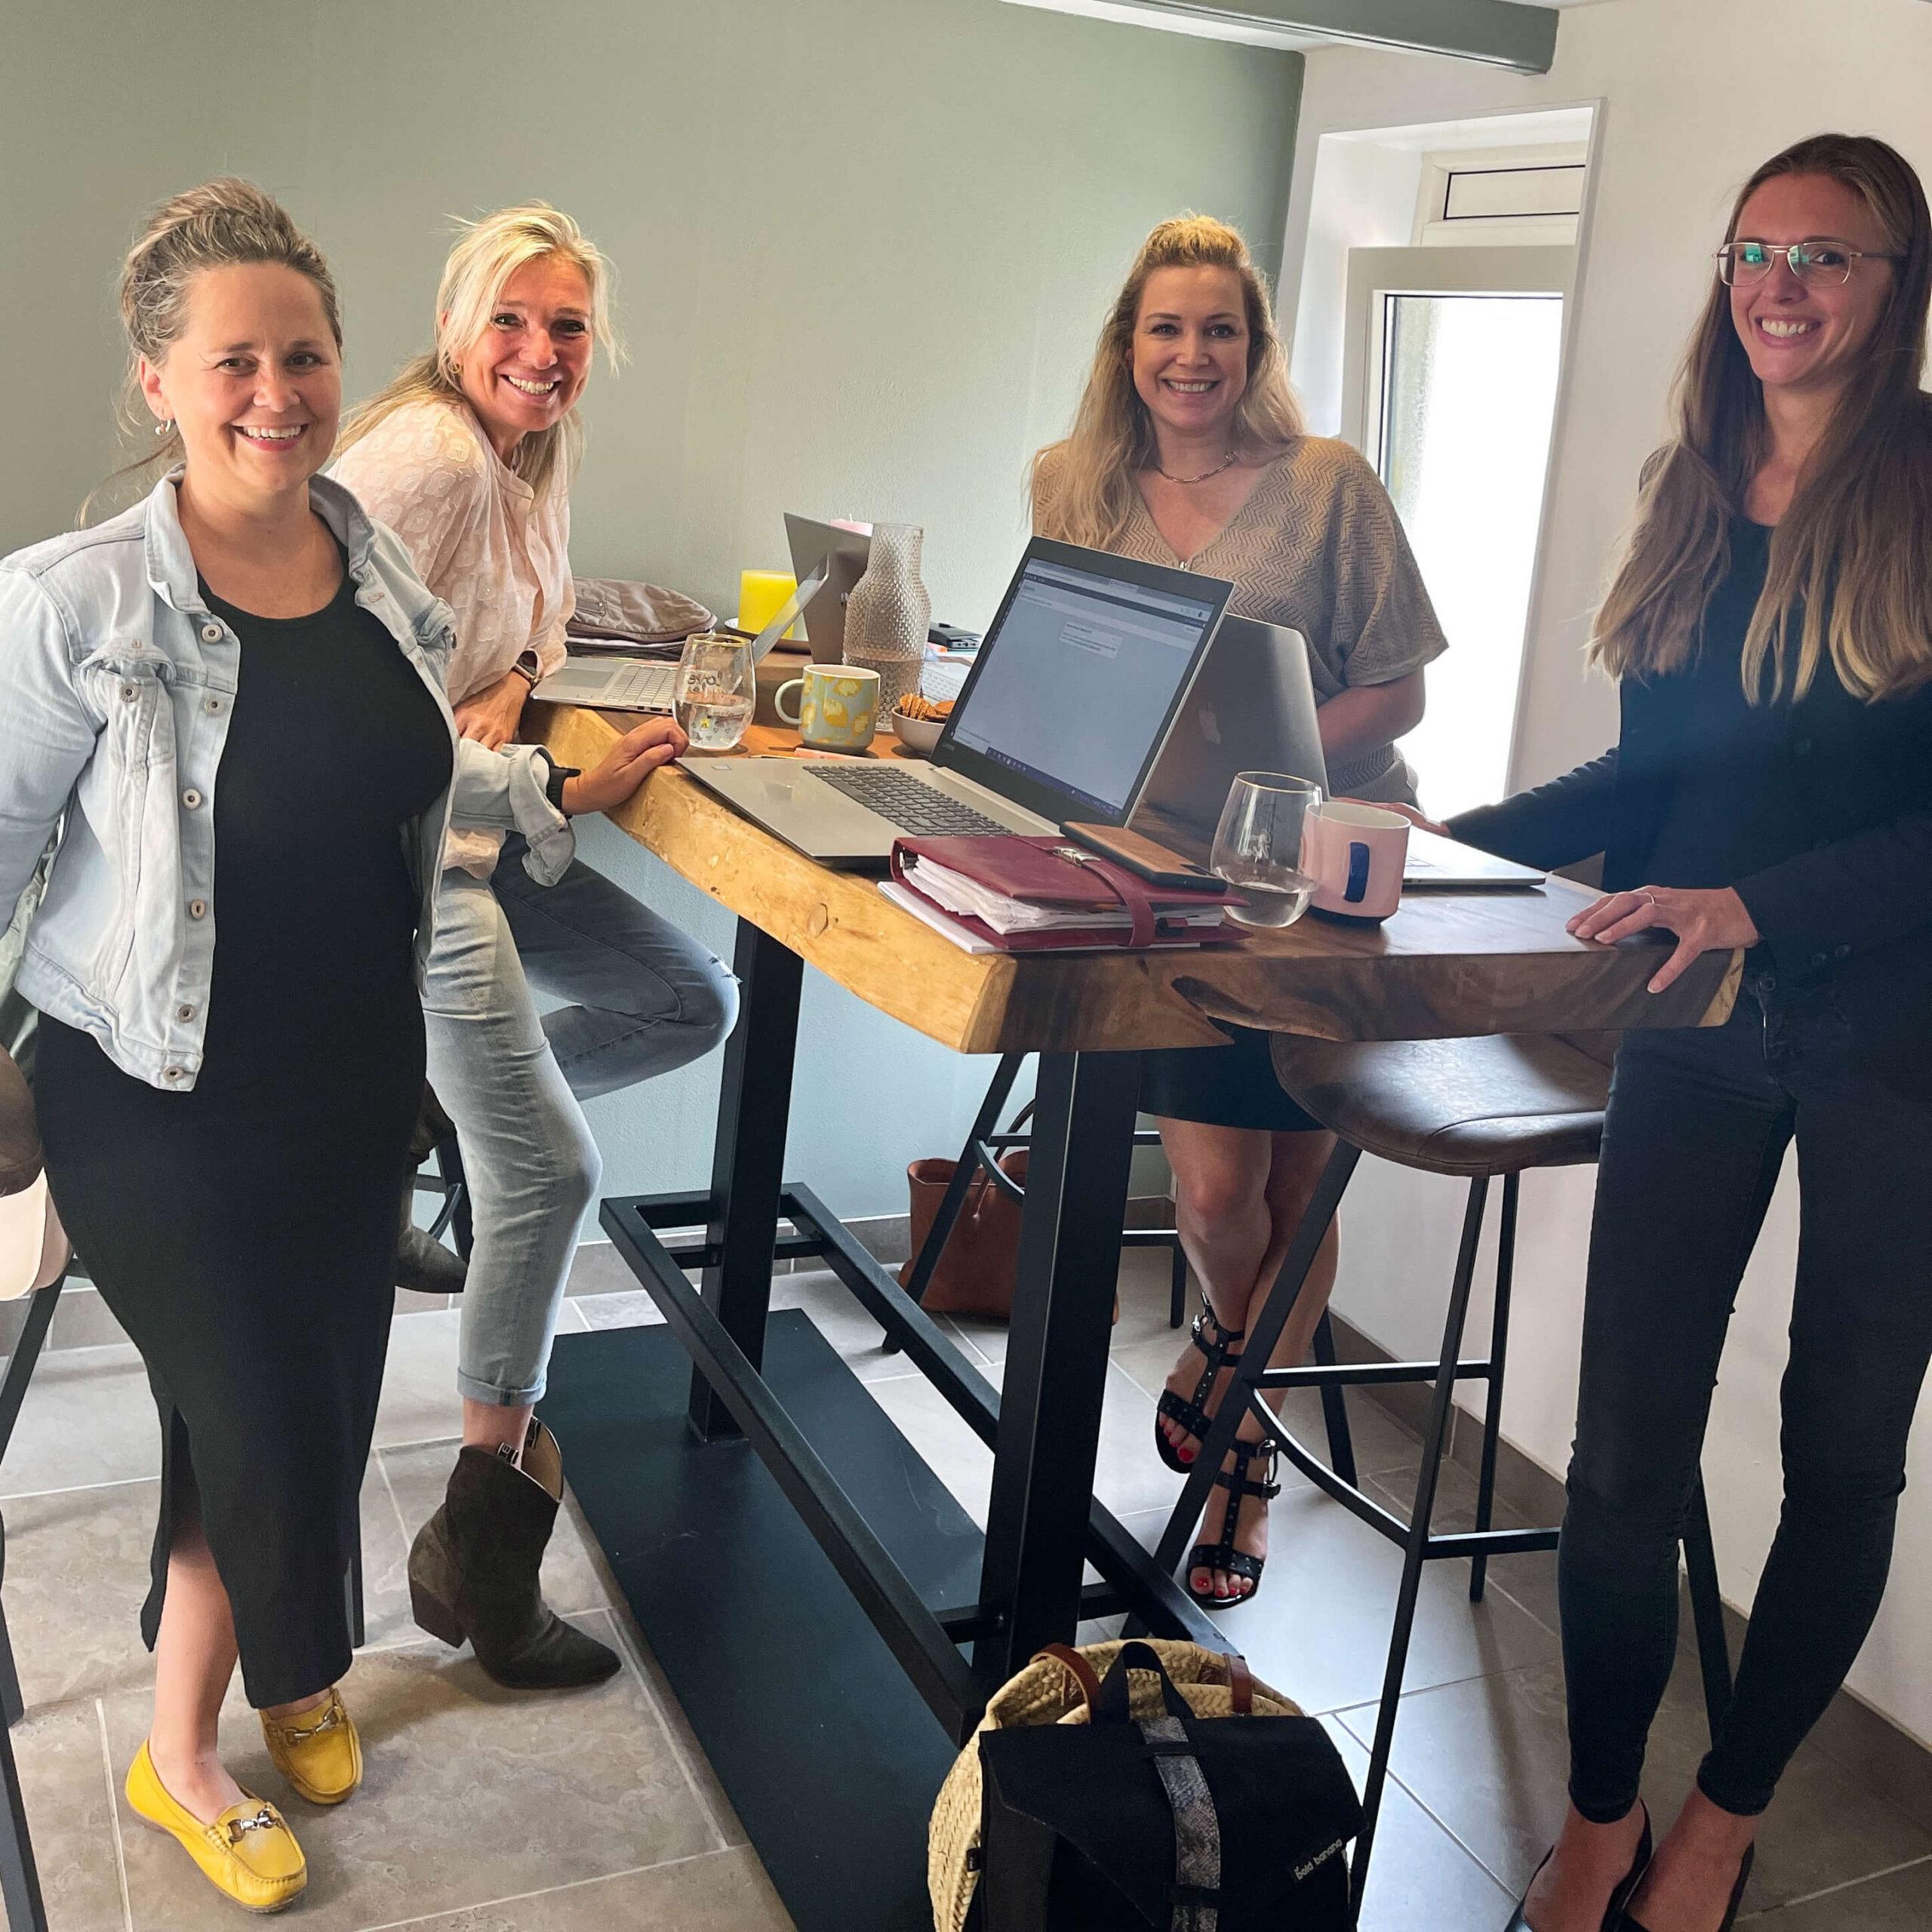 Samenwerkingsdag 4 dames aan bartafel